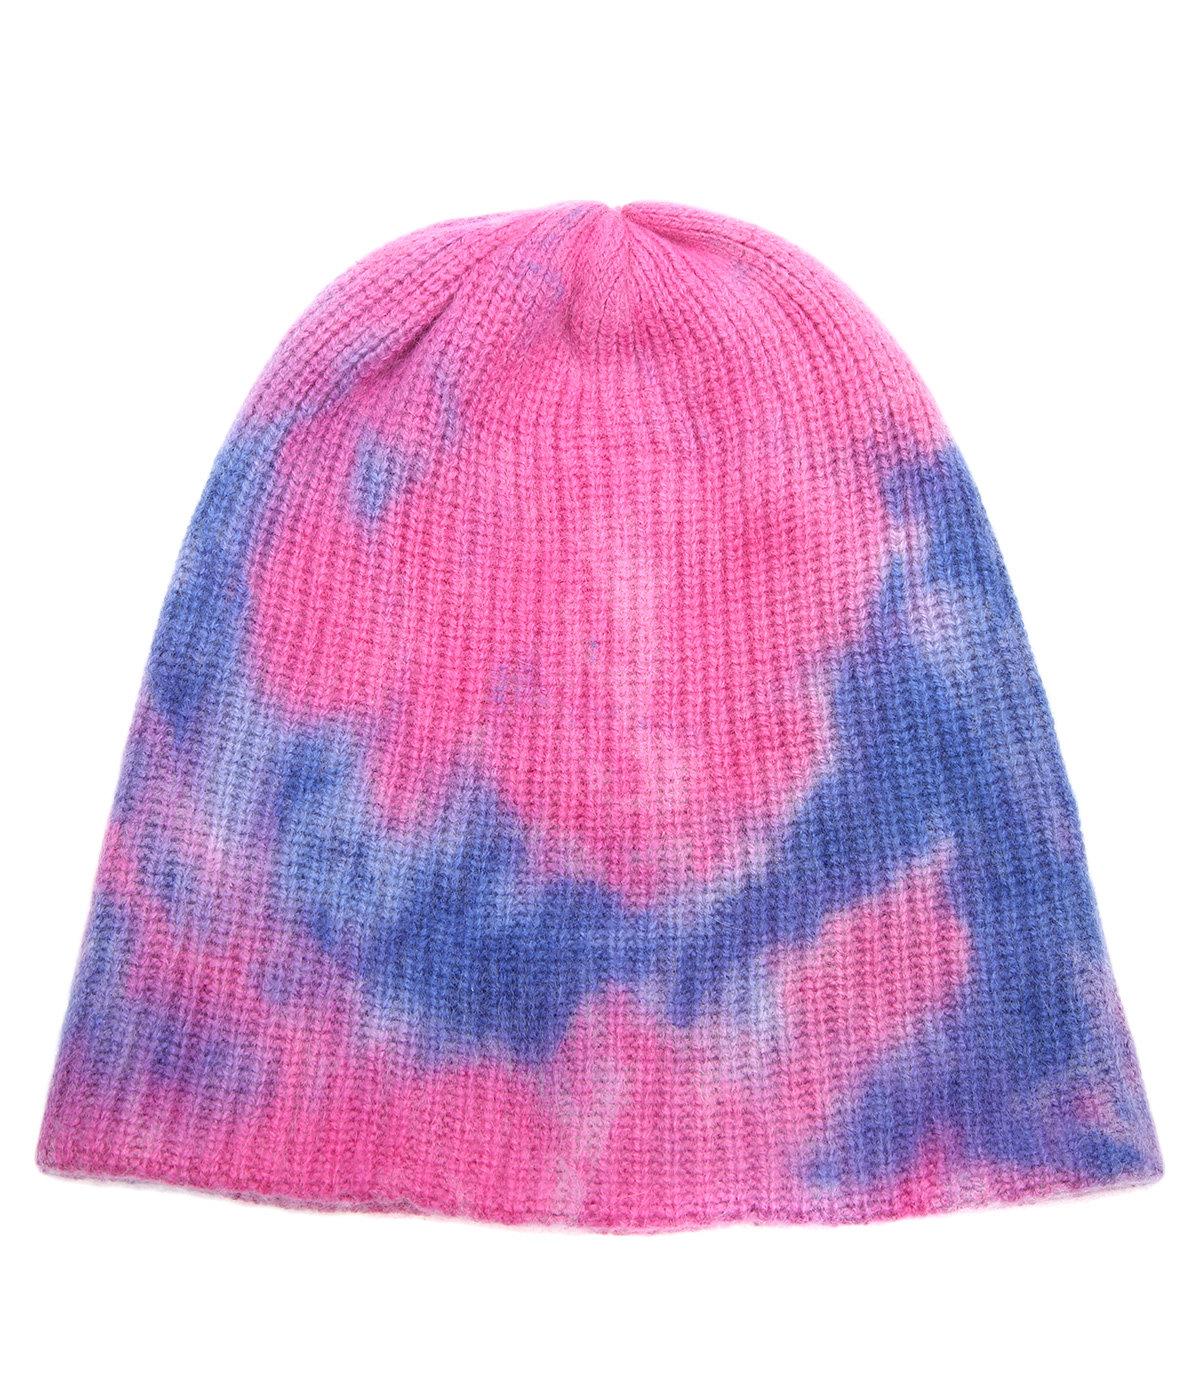 HOT DYE WATCHMAN CAP